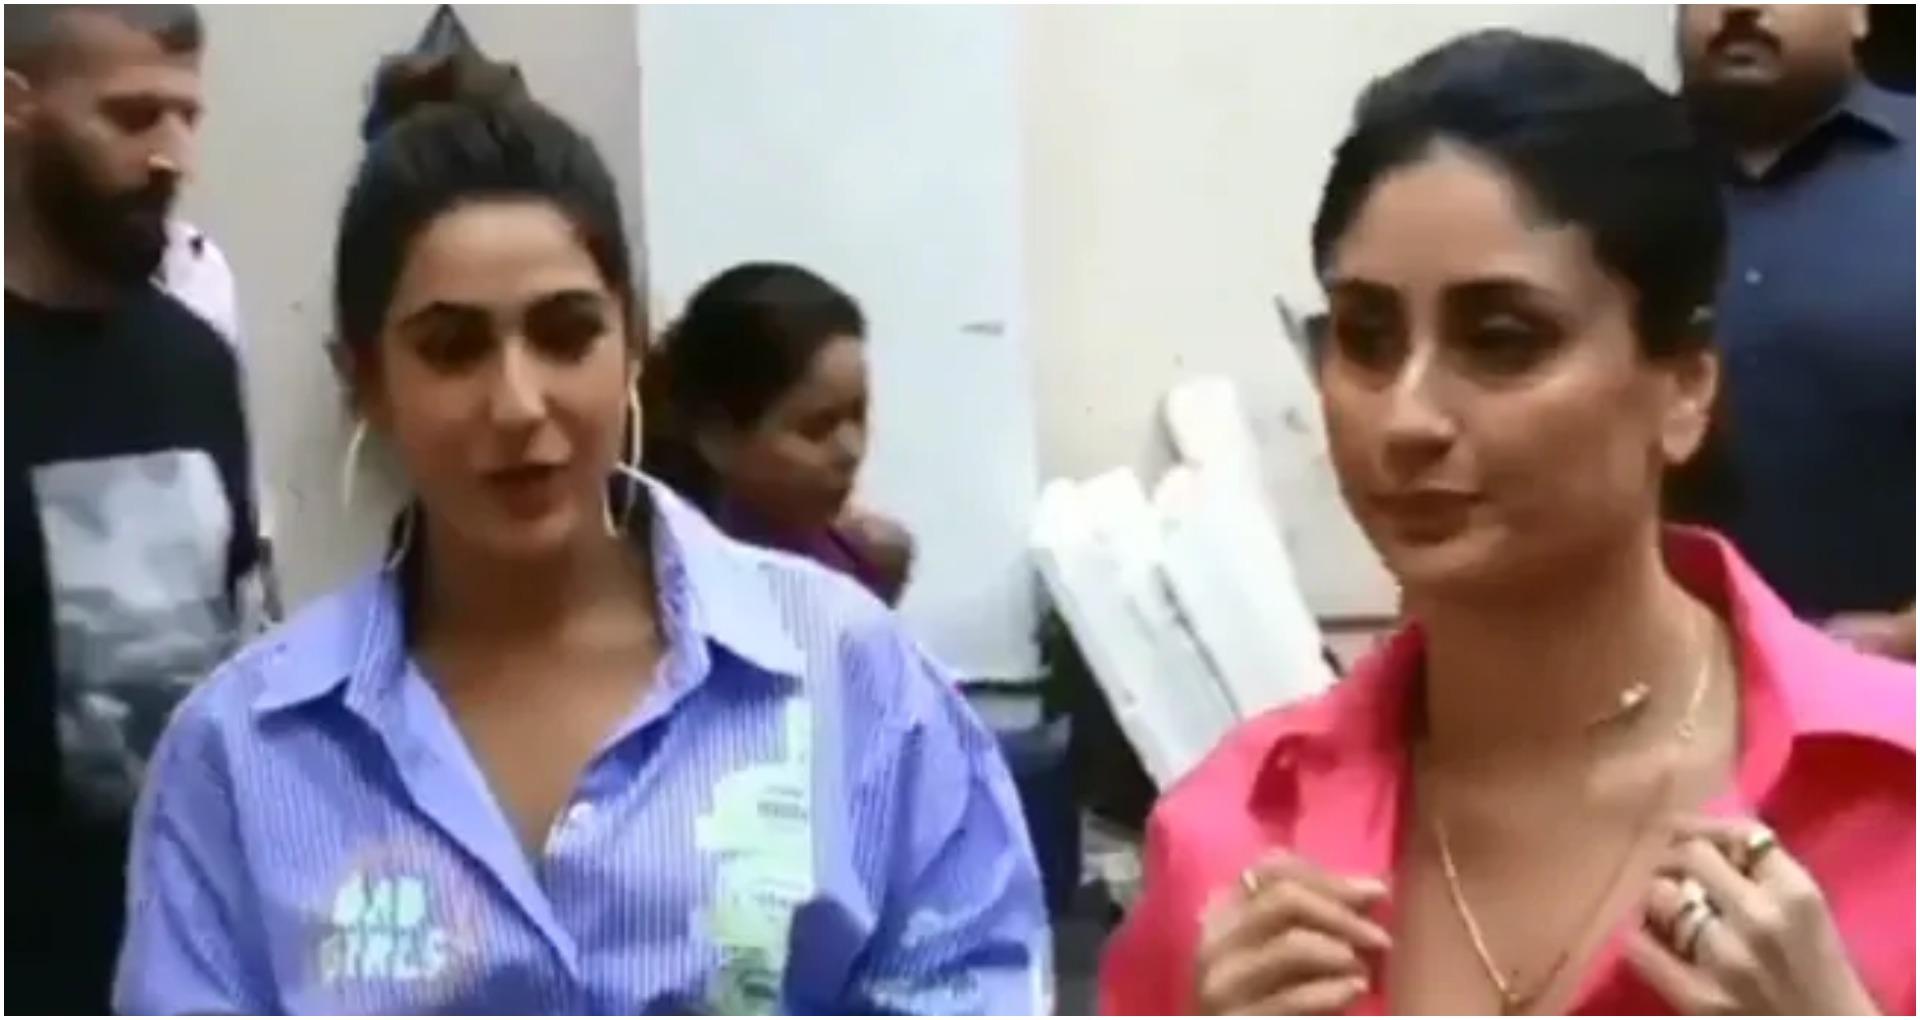 करीना कपूर खान और सारा अली खान का वीडियो वायरल, हॉट लगने के साथ – साथ दोनों की केमेस्ट्री लगी प्यारी